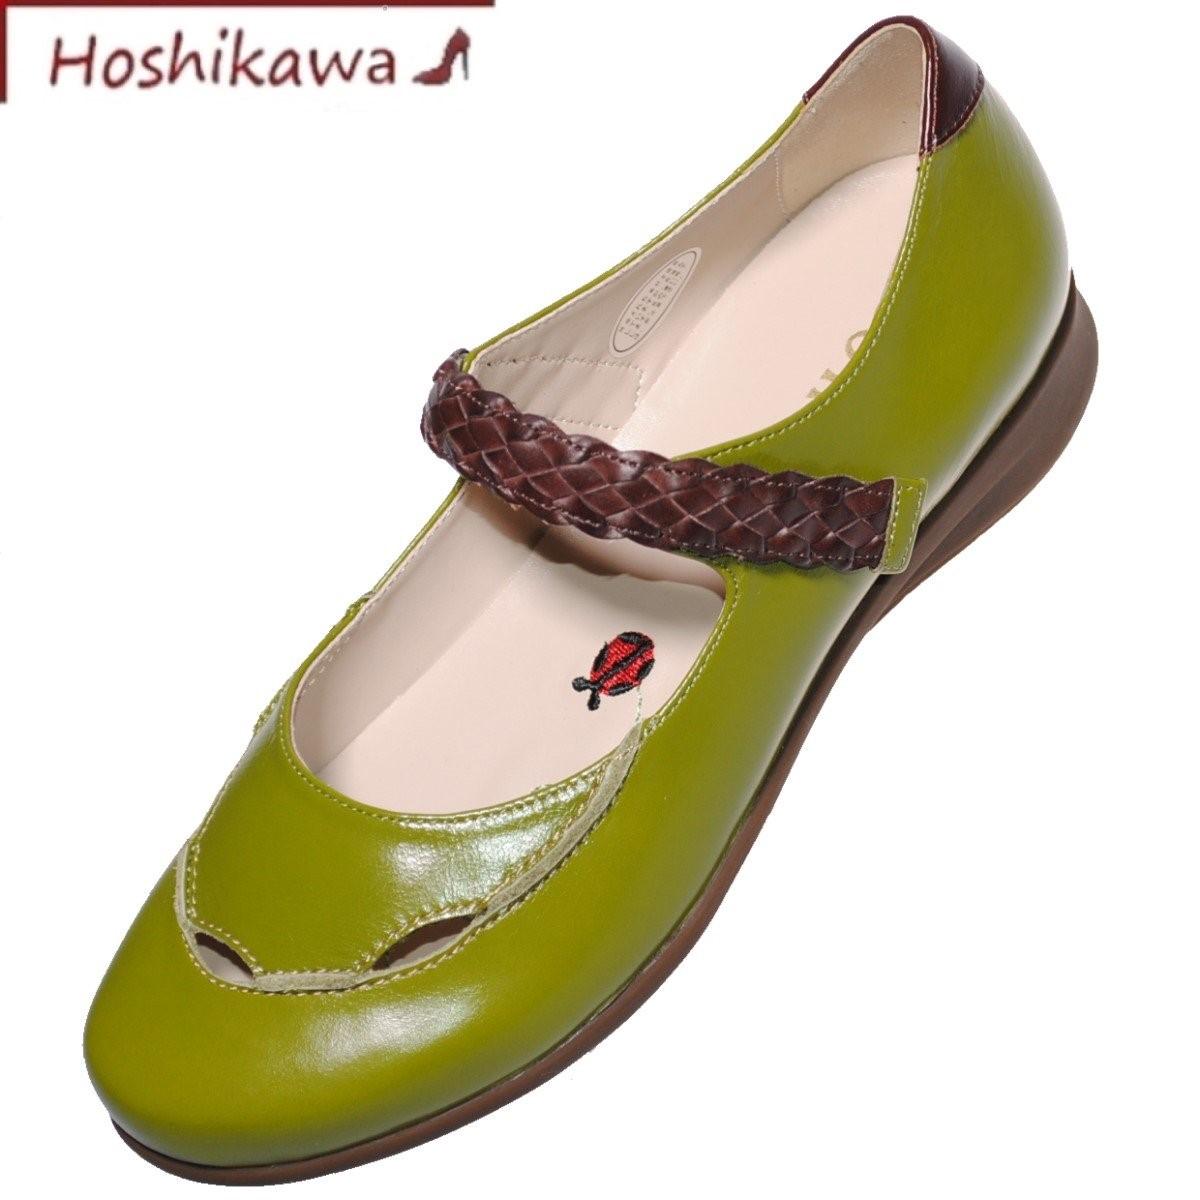 【靴のHOSHIKAWA】『MONET 131002』モネ グリーン22cm~25cm レディース 幅広カッター マジックテープ牛革 フラット ローヒール